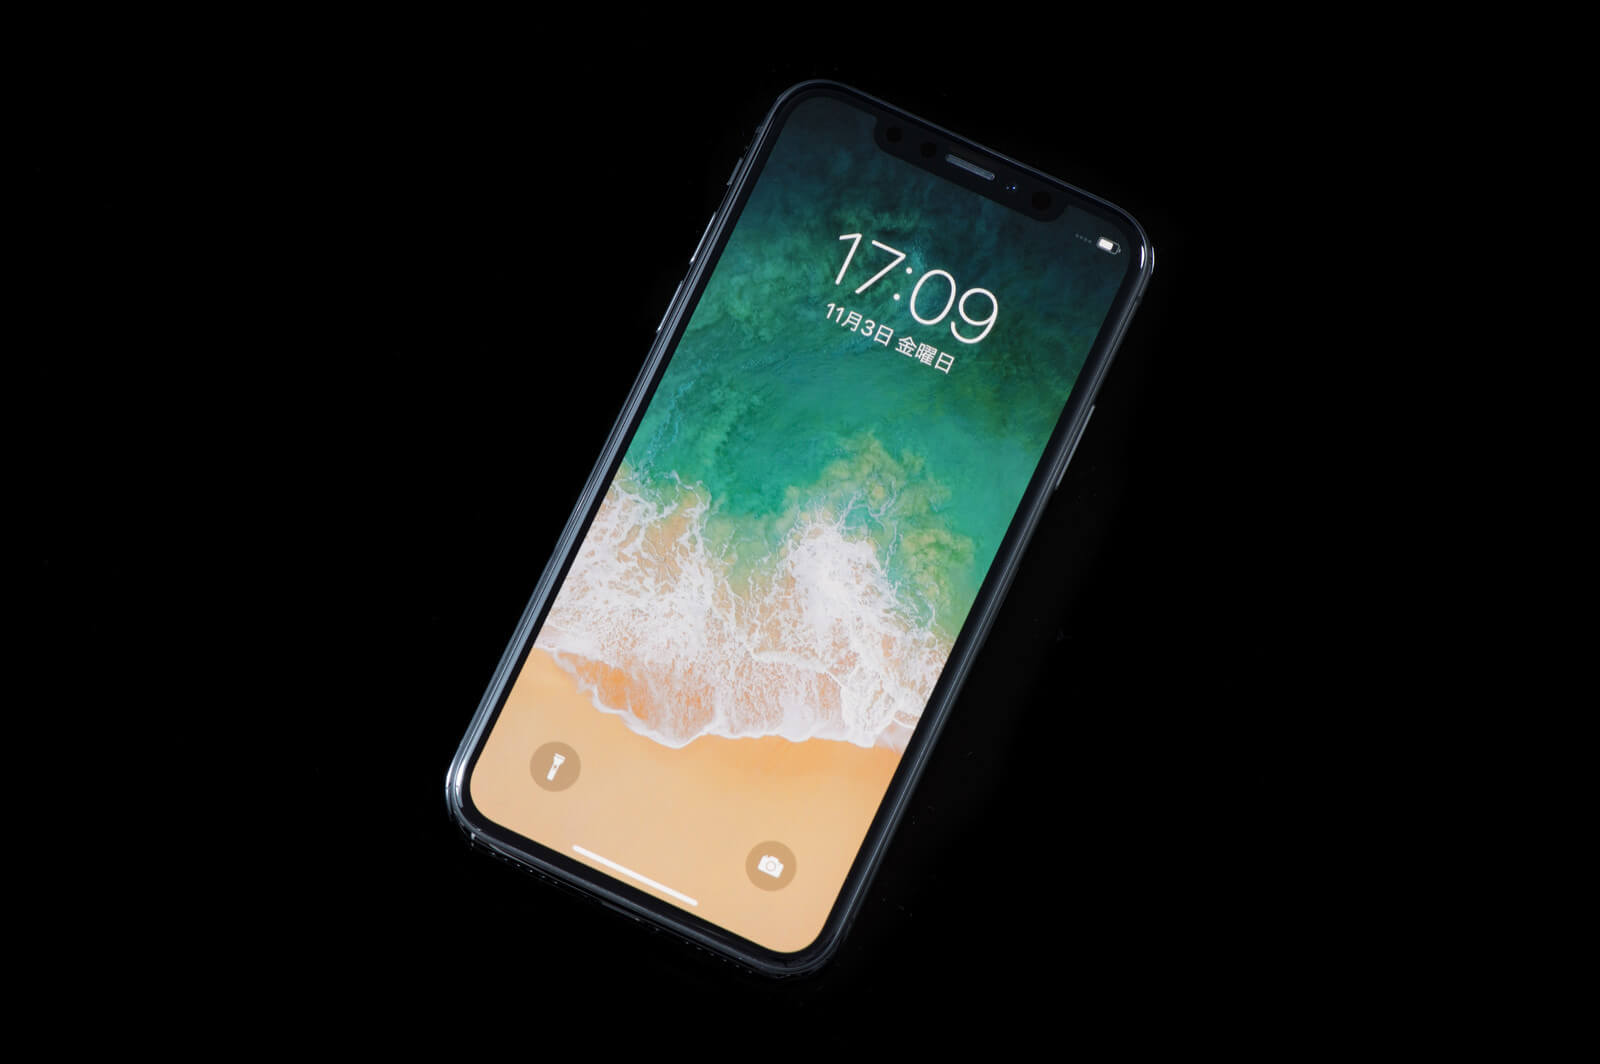 auのiPhoneをSIMロック解除して、SIMフリー端末として使えるようにする方法